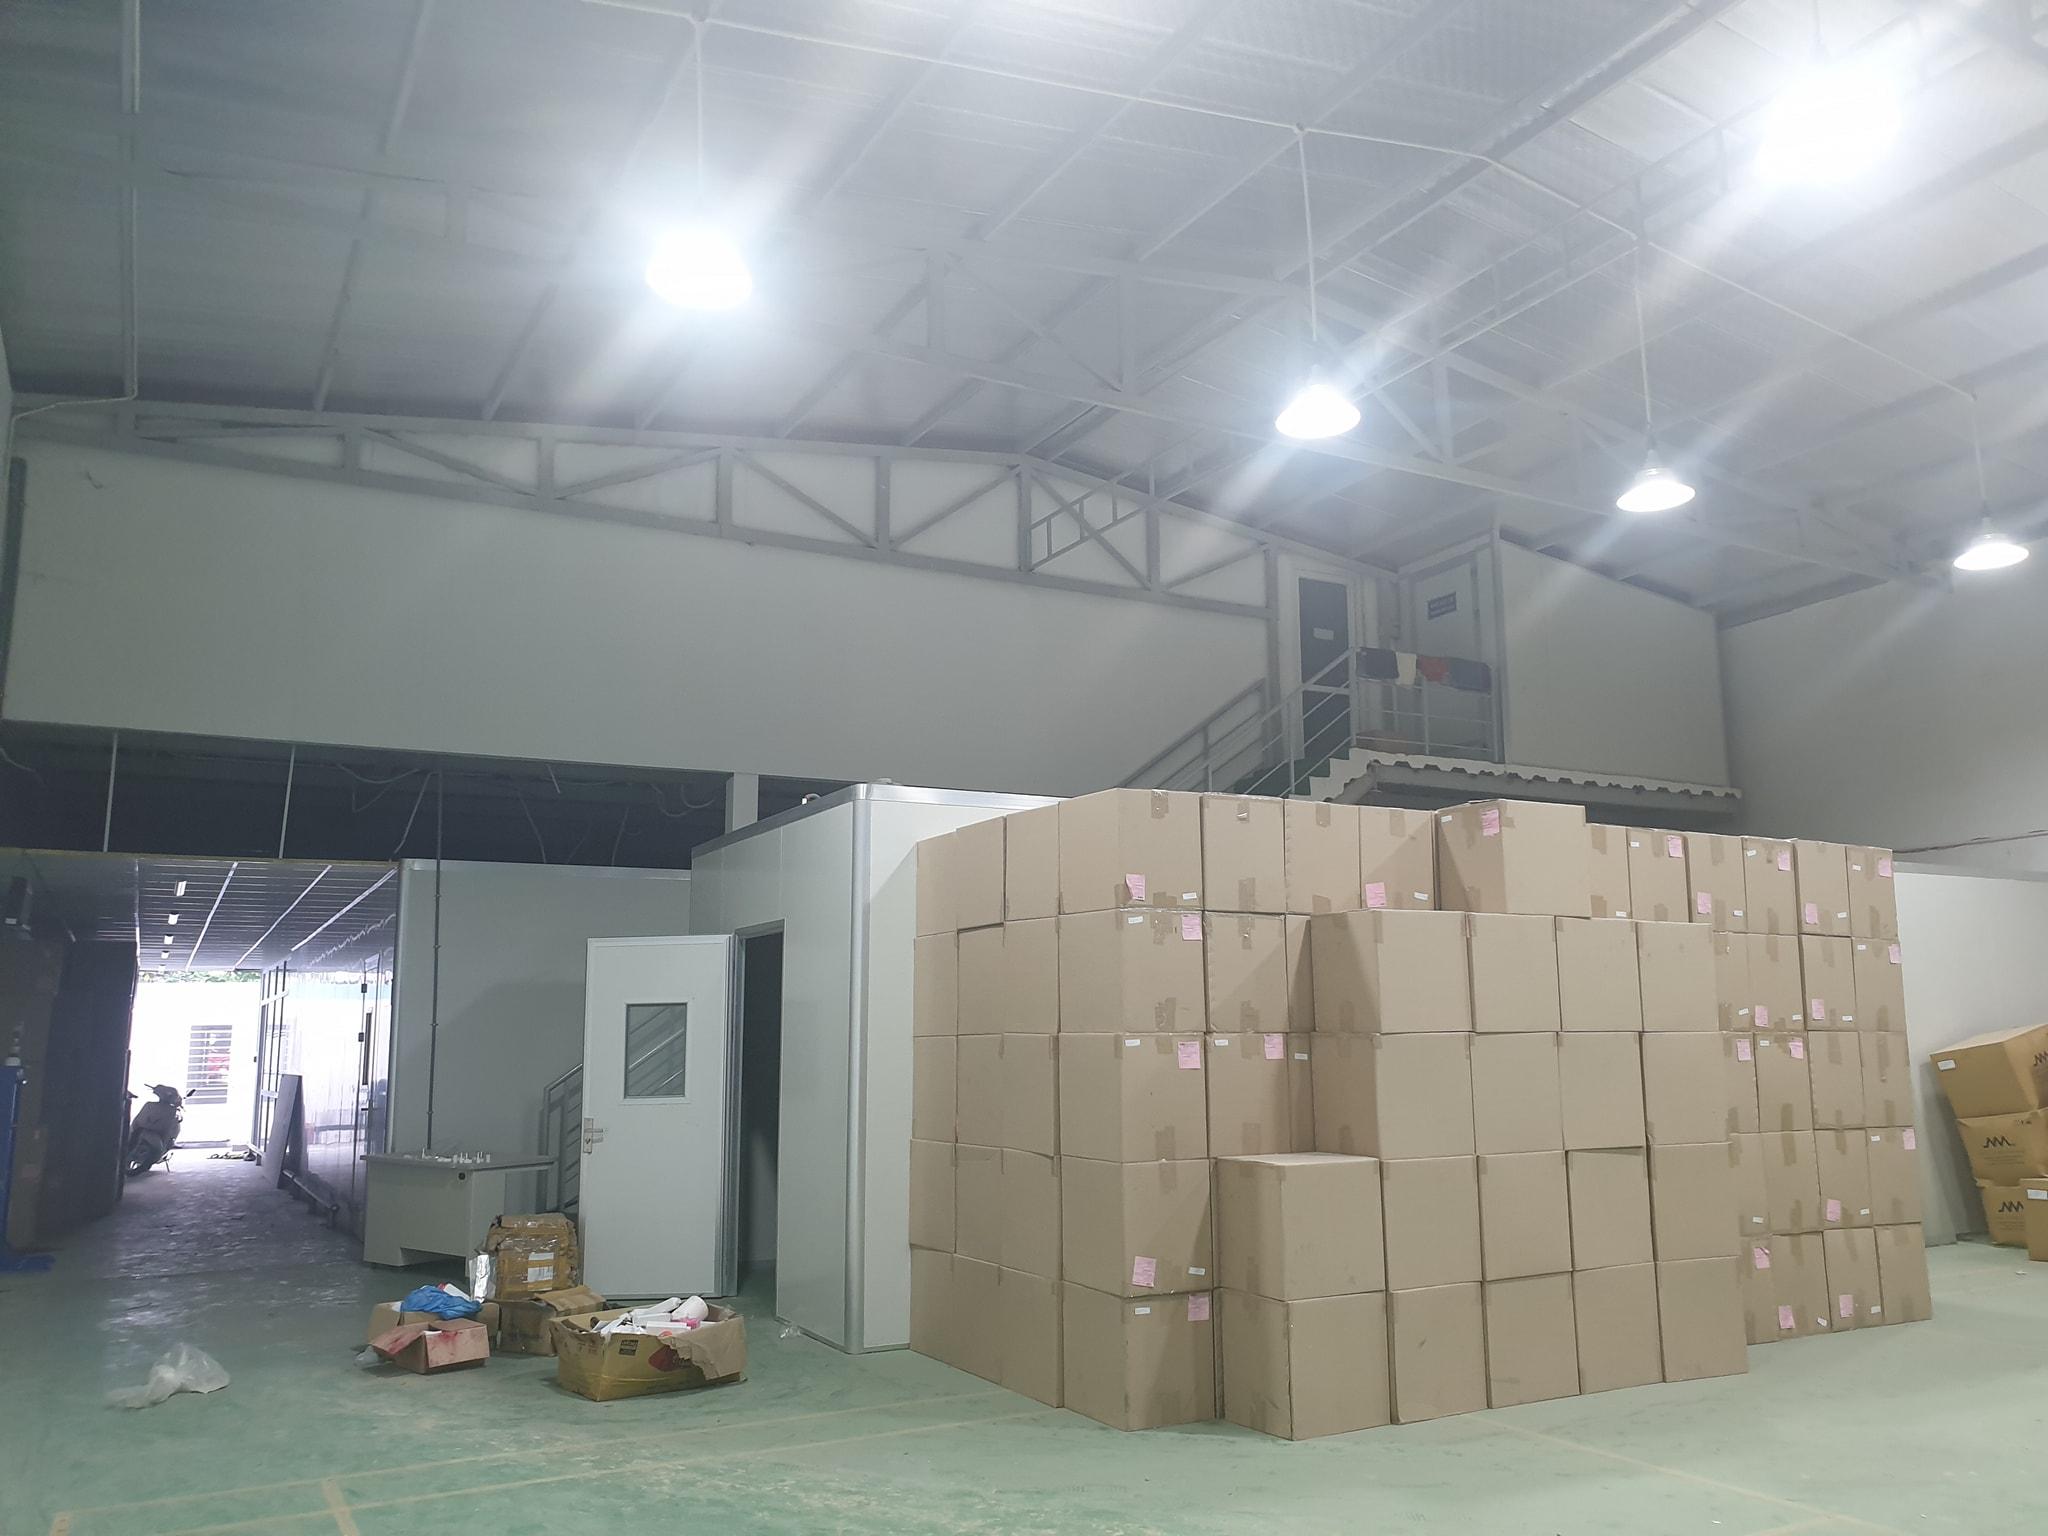 Tổ Hợp Cty Bao Gồm: VP, Nhà Xưởng SX-DT 1300m2-Võ Thị Thừa KP3 PAn Phú Đông Q12